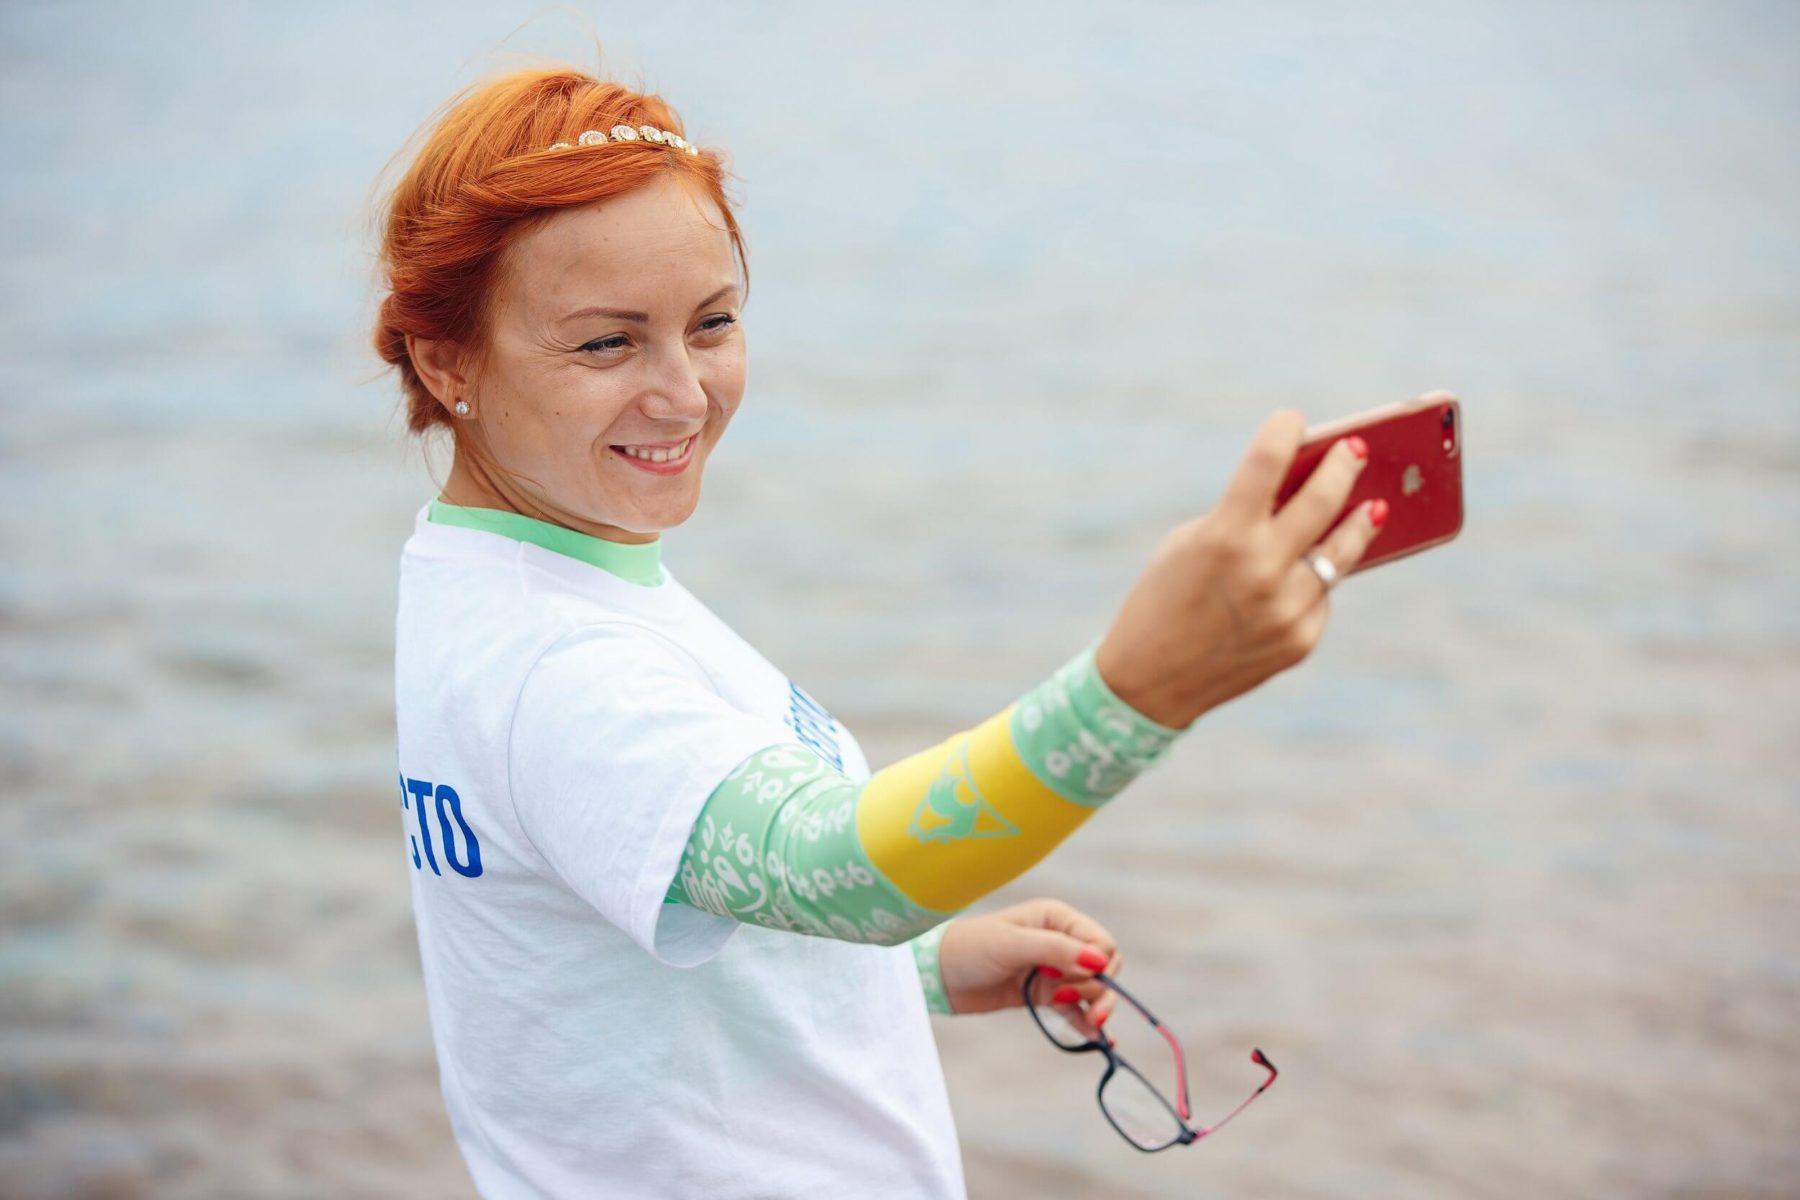 Обувном диалоги при ебле на русском языке женщины онлайн смотреть